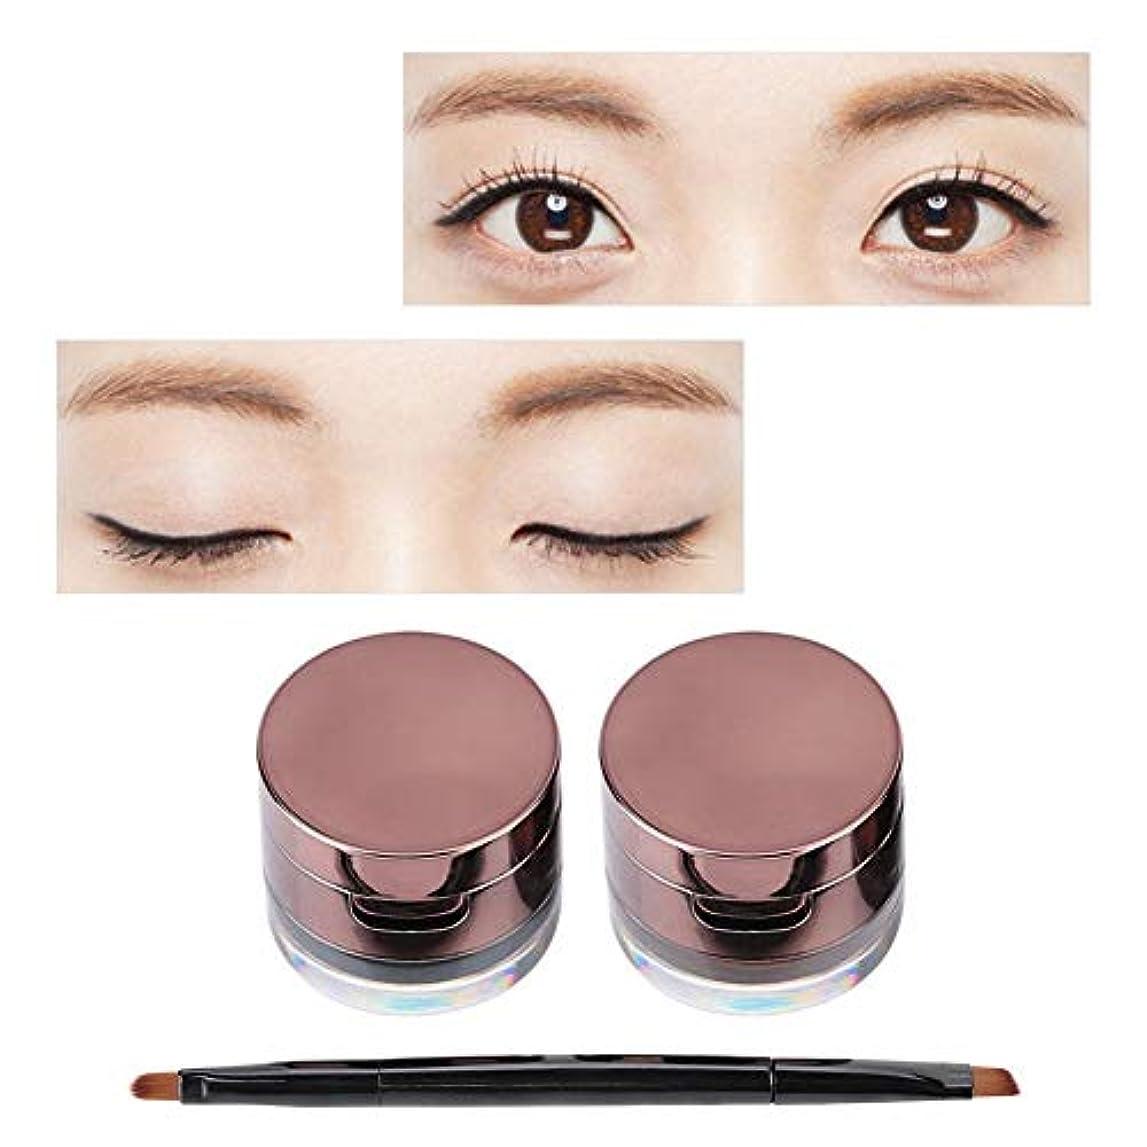 眉毛パウダーセット、ミスファイブメイクアップアイライナー眉毛パウダーセット防水化粧品ブラシキット